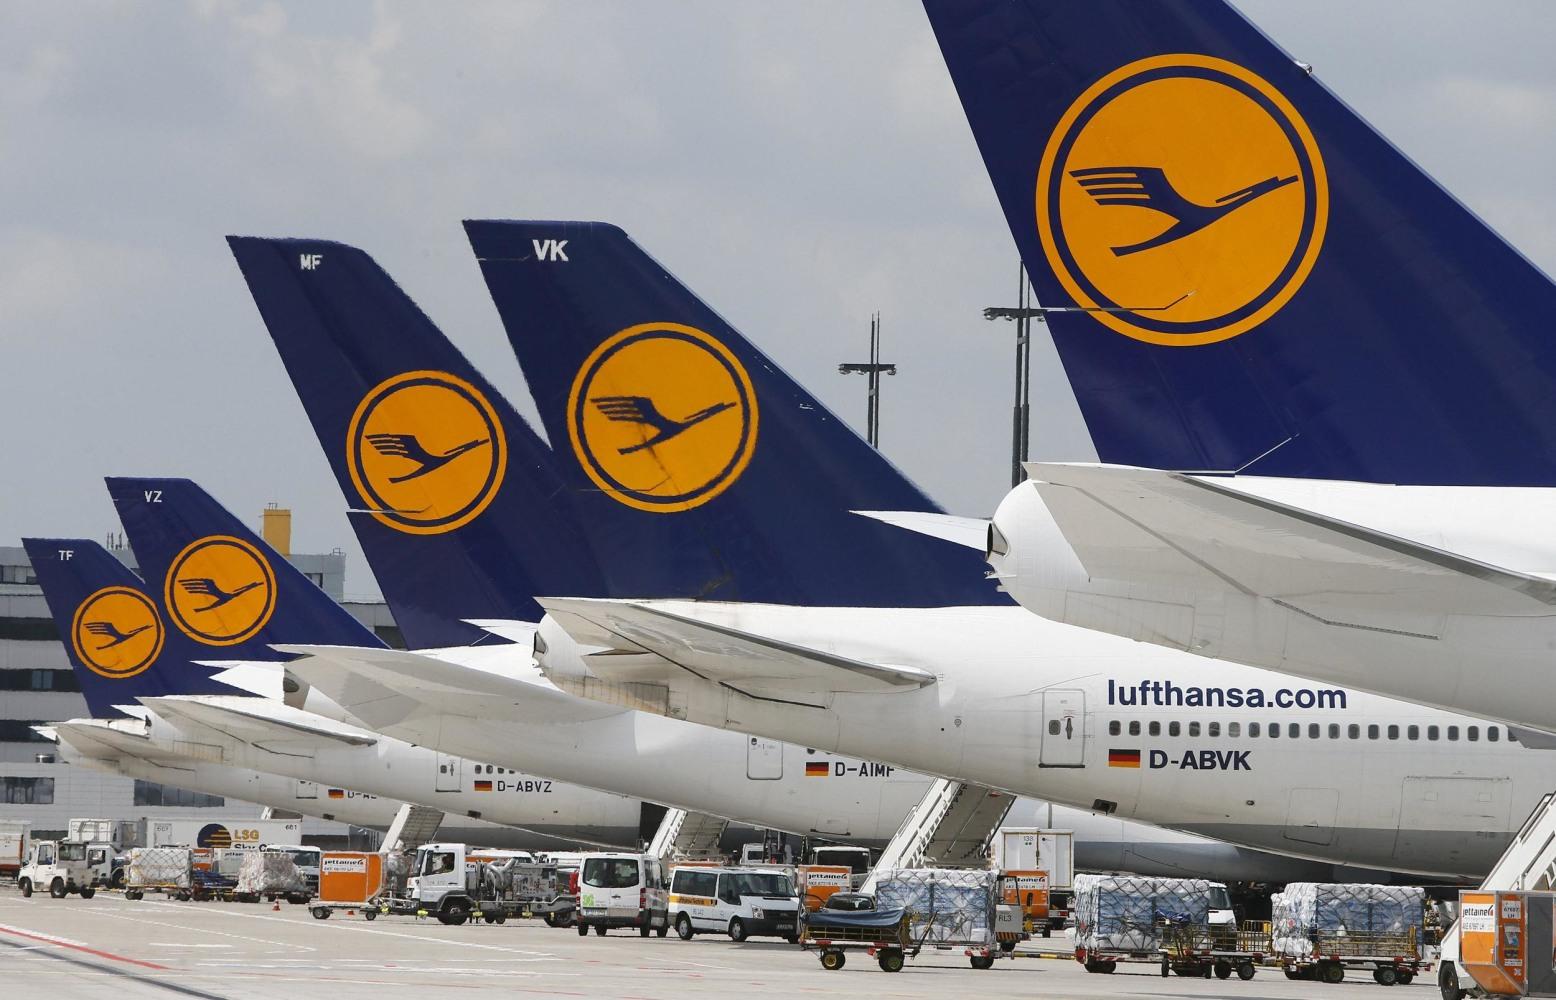 Lufthansa предложила забастовщикам увеличение зарплаты на 4,4% за 2 года